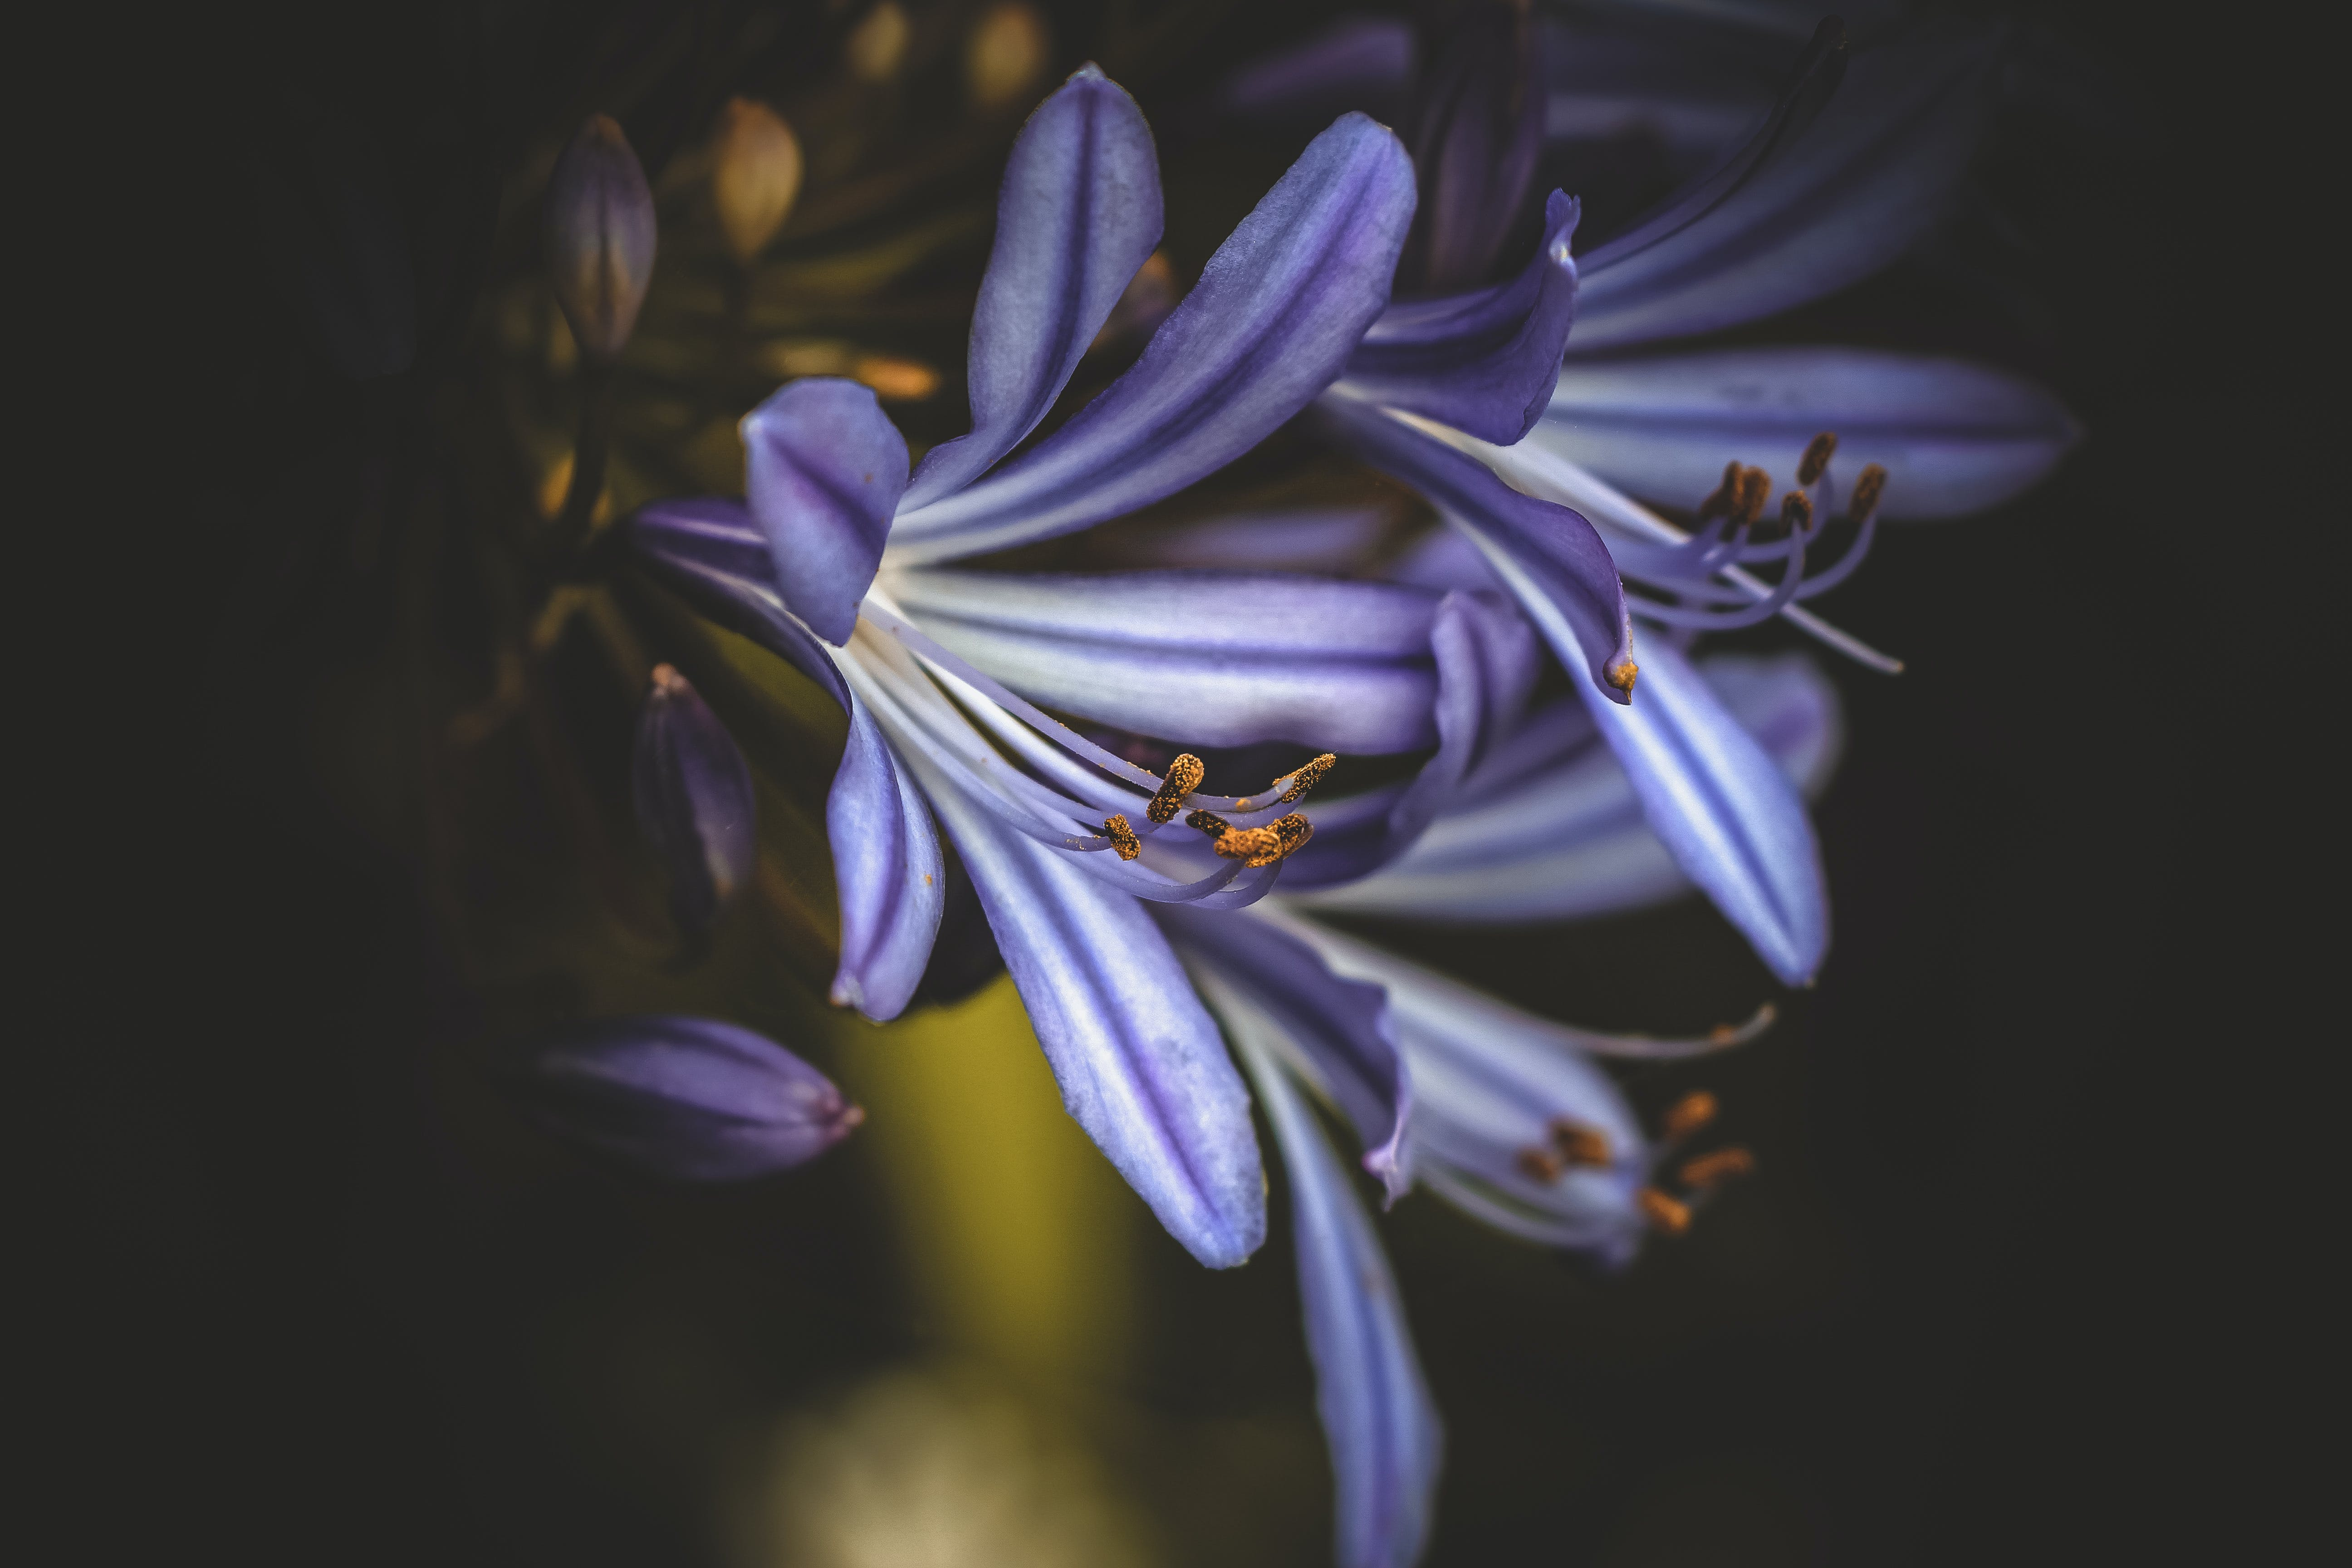 꽃, 꽃이 피는, 꽃잎, 매크로의 무료 스톡 사진